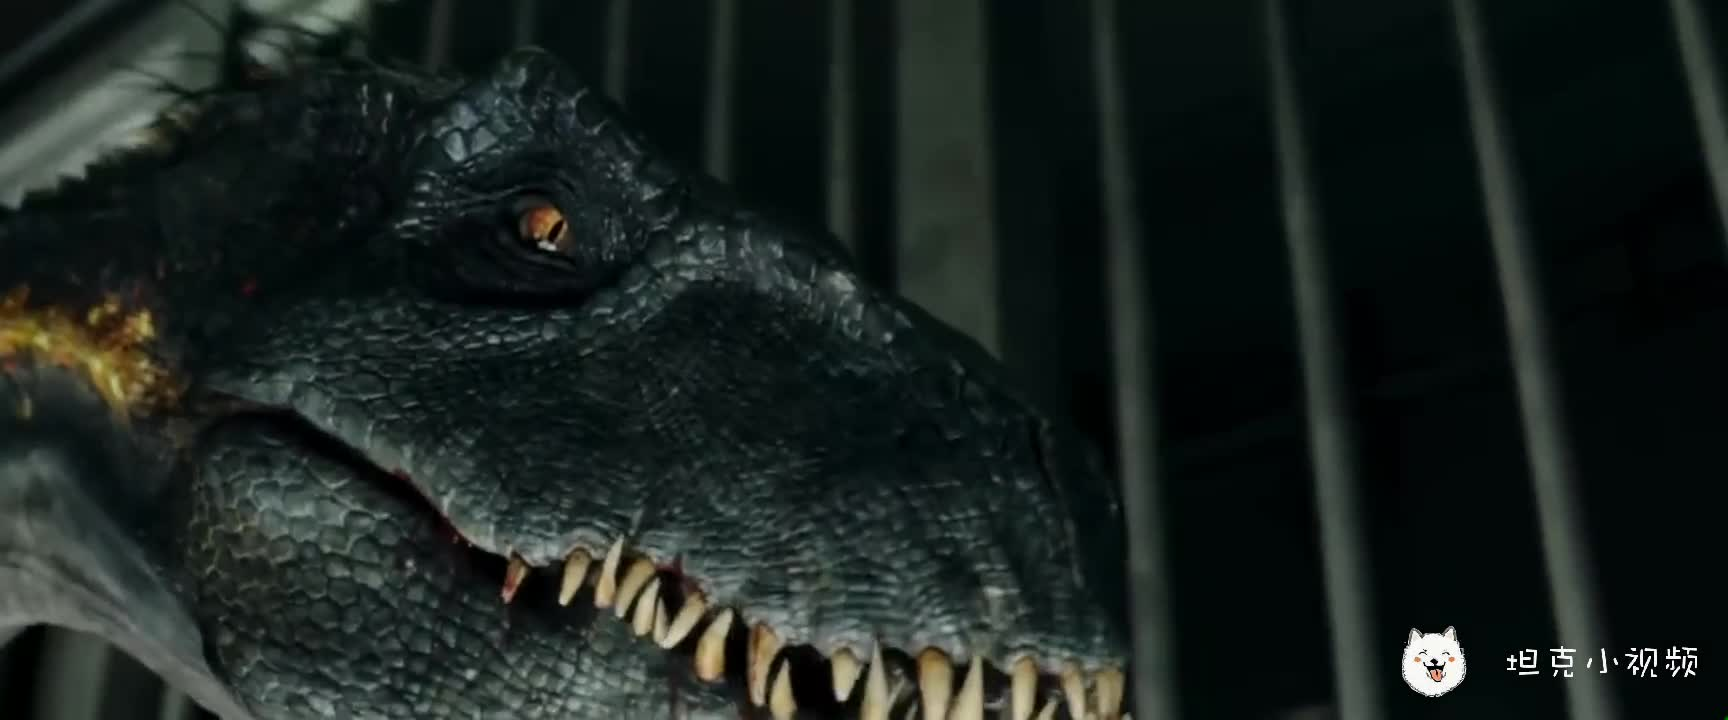 #电影迷的修养#这只狡猾的大恐龙!